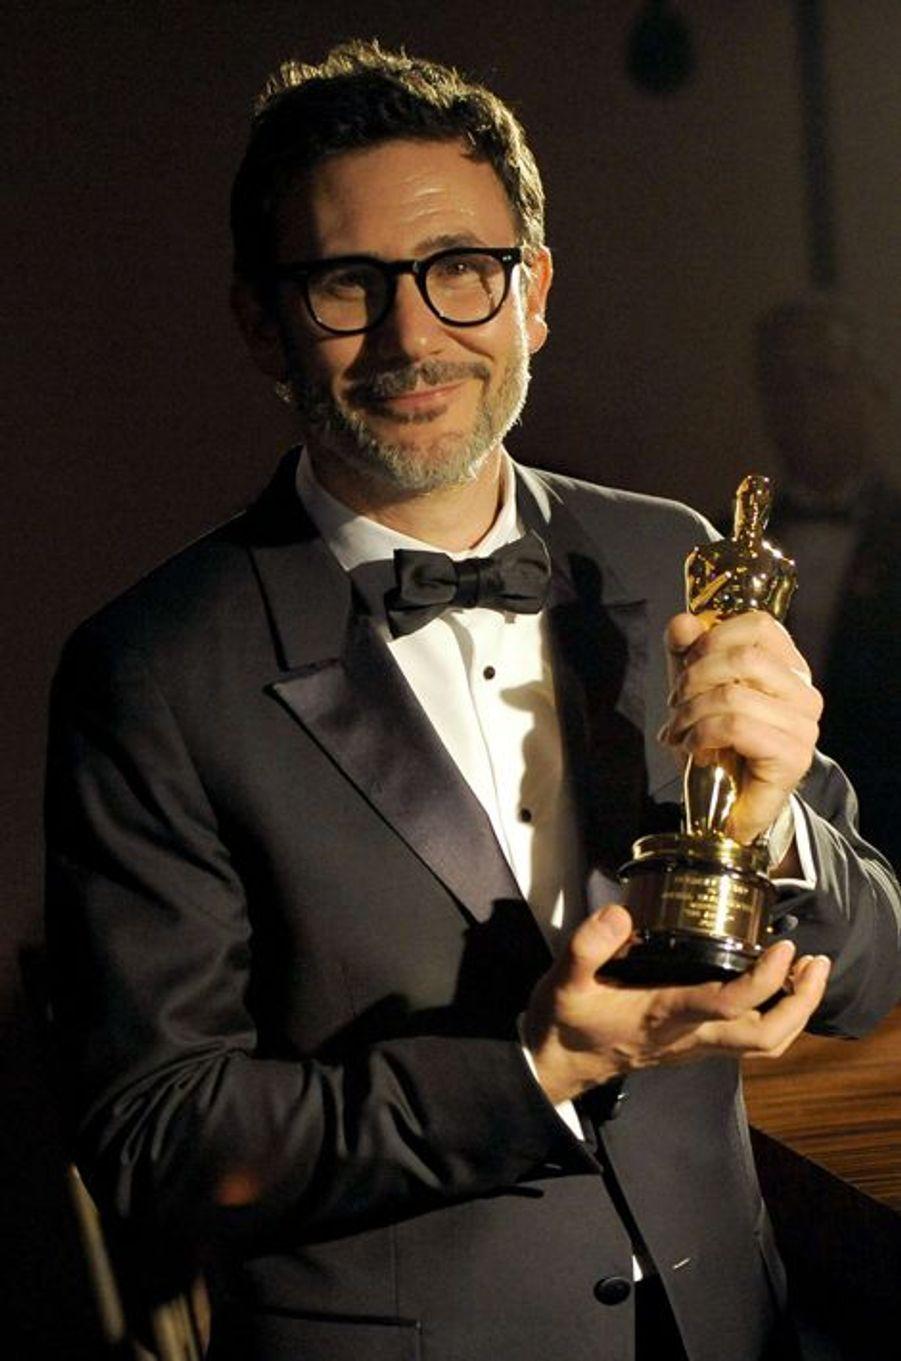 Michel Hazanavicius à la cérémonie des Oscars 2014